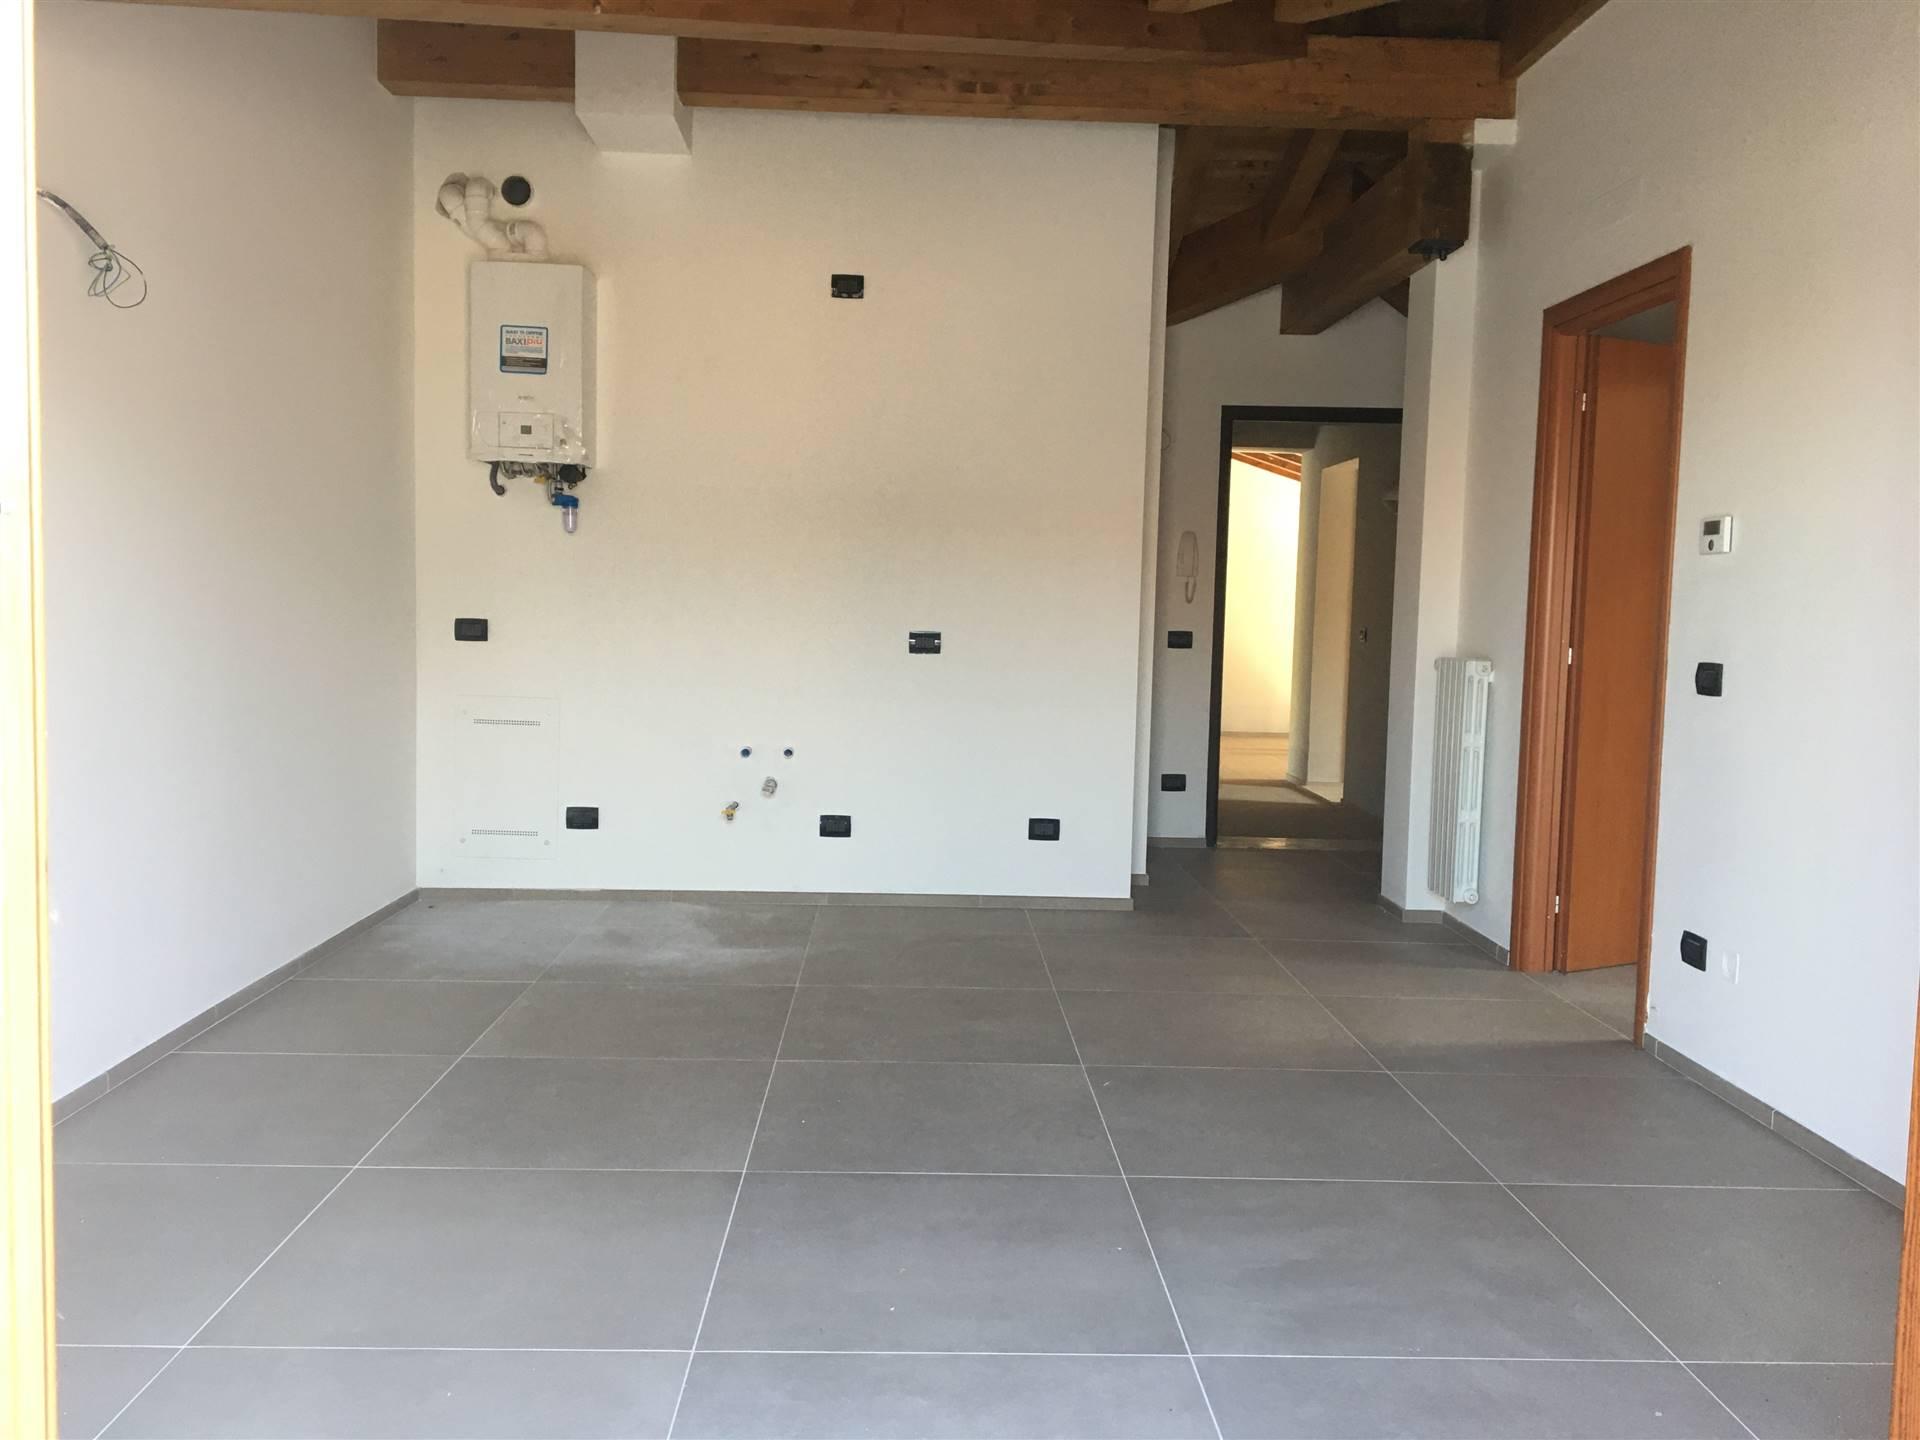 Appartamento in vendita a Bagnolo San Vito, 3 locali, zona Zona: San Biagio, prezzo € 58.000 | CambioCasa.it